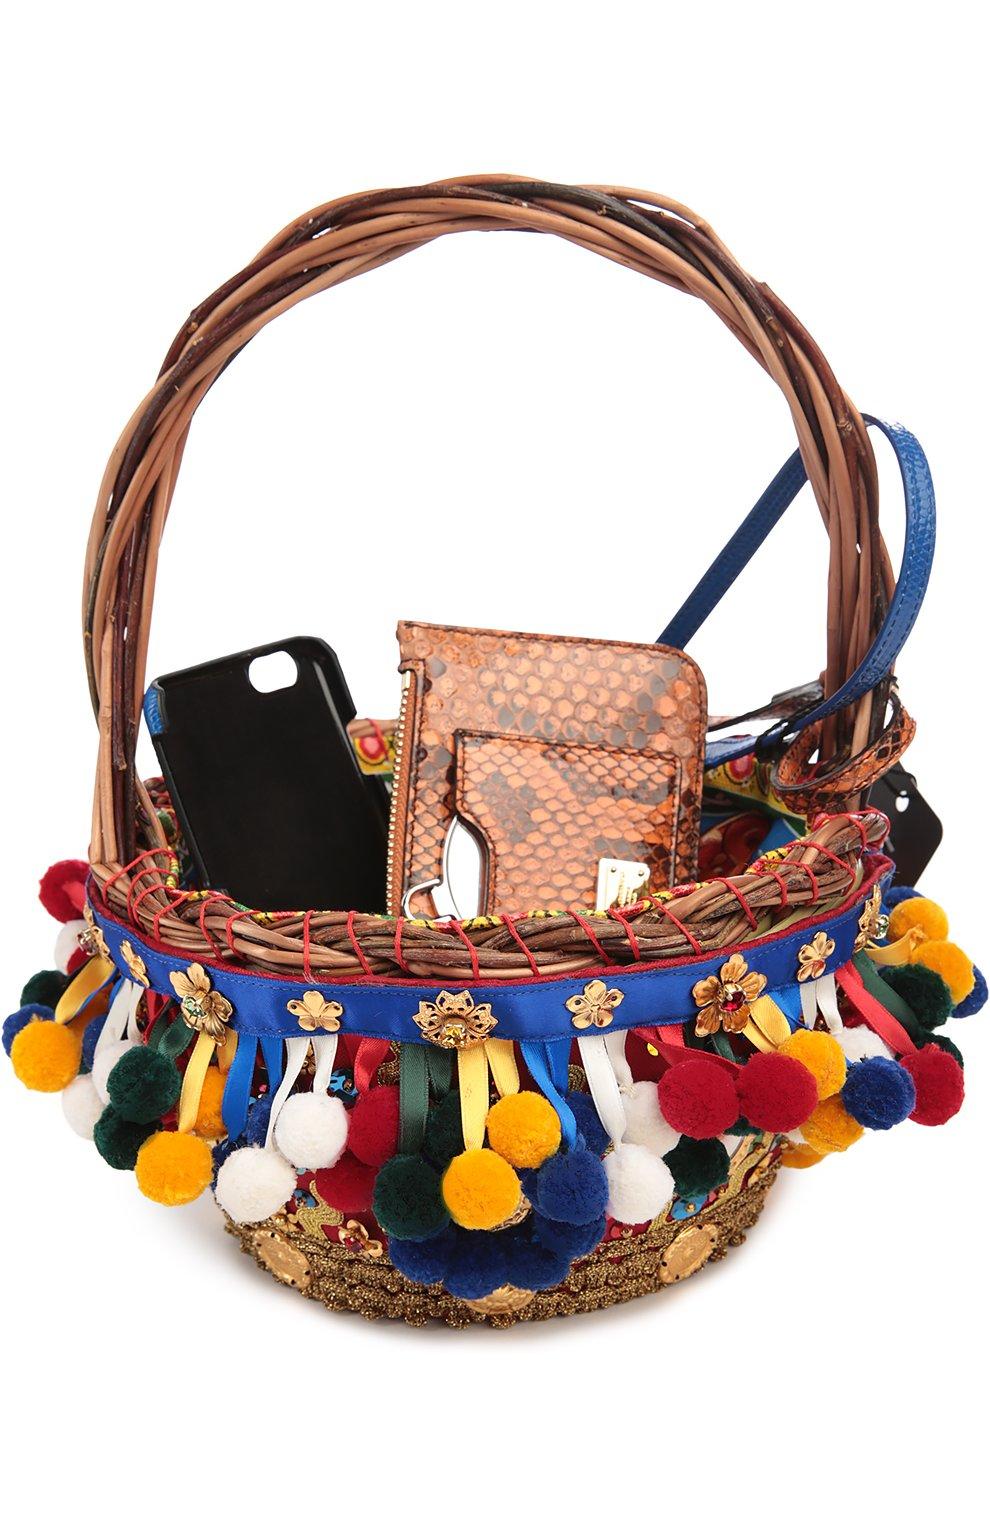 Плетеная сумка-корзинка Agnese с аксессуарами из кожи питона и игуаны | Фото №1